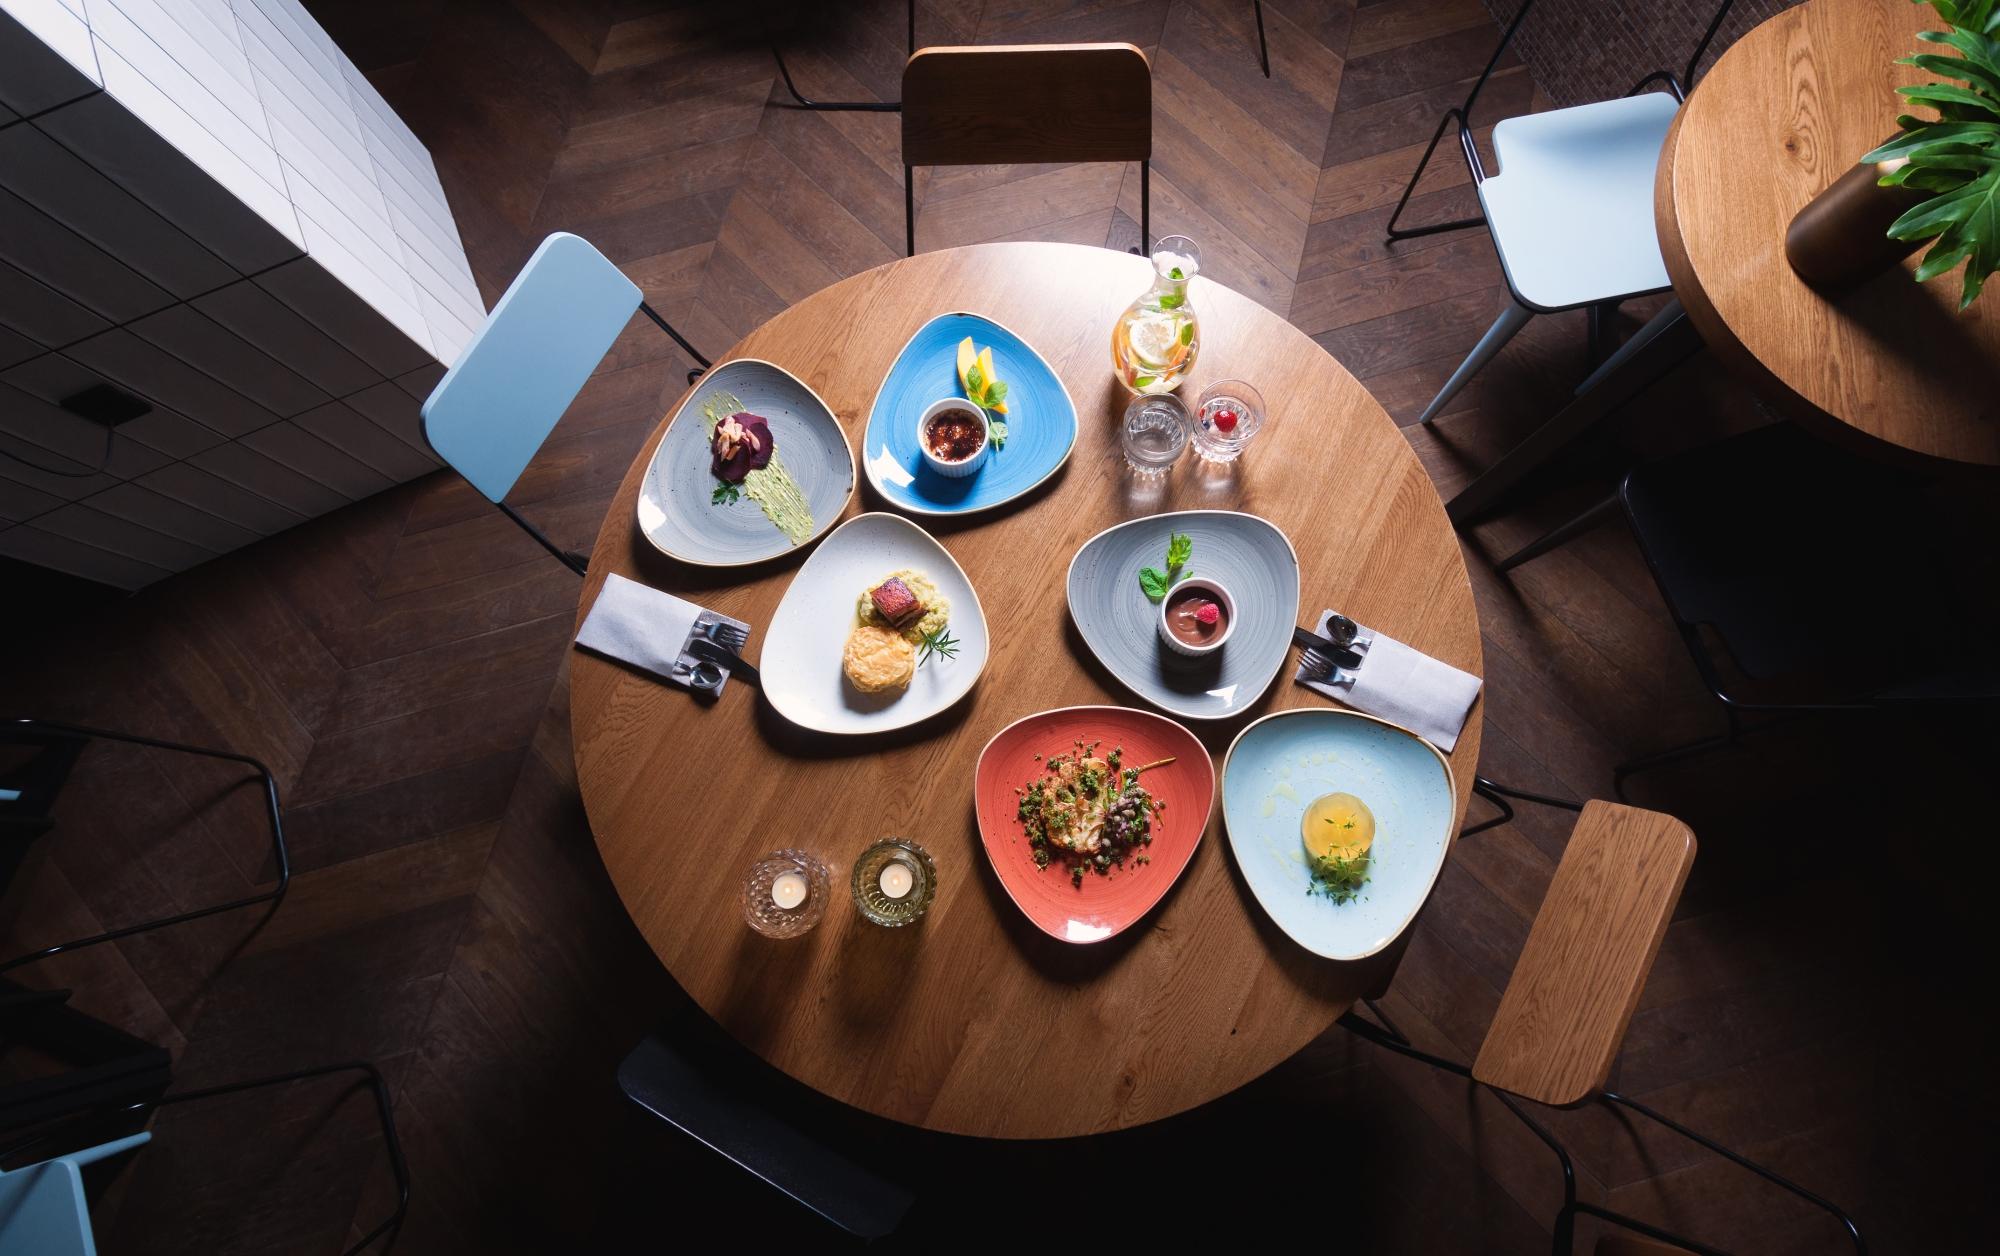 Restauracje w Poznaniu:przegląd miejsc ze zdrowym jedzeniem